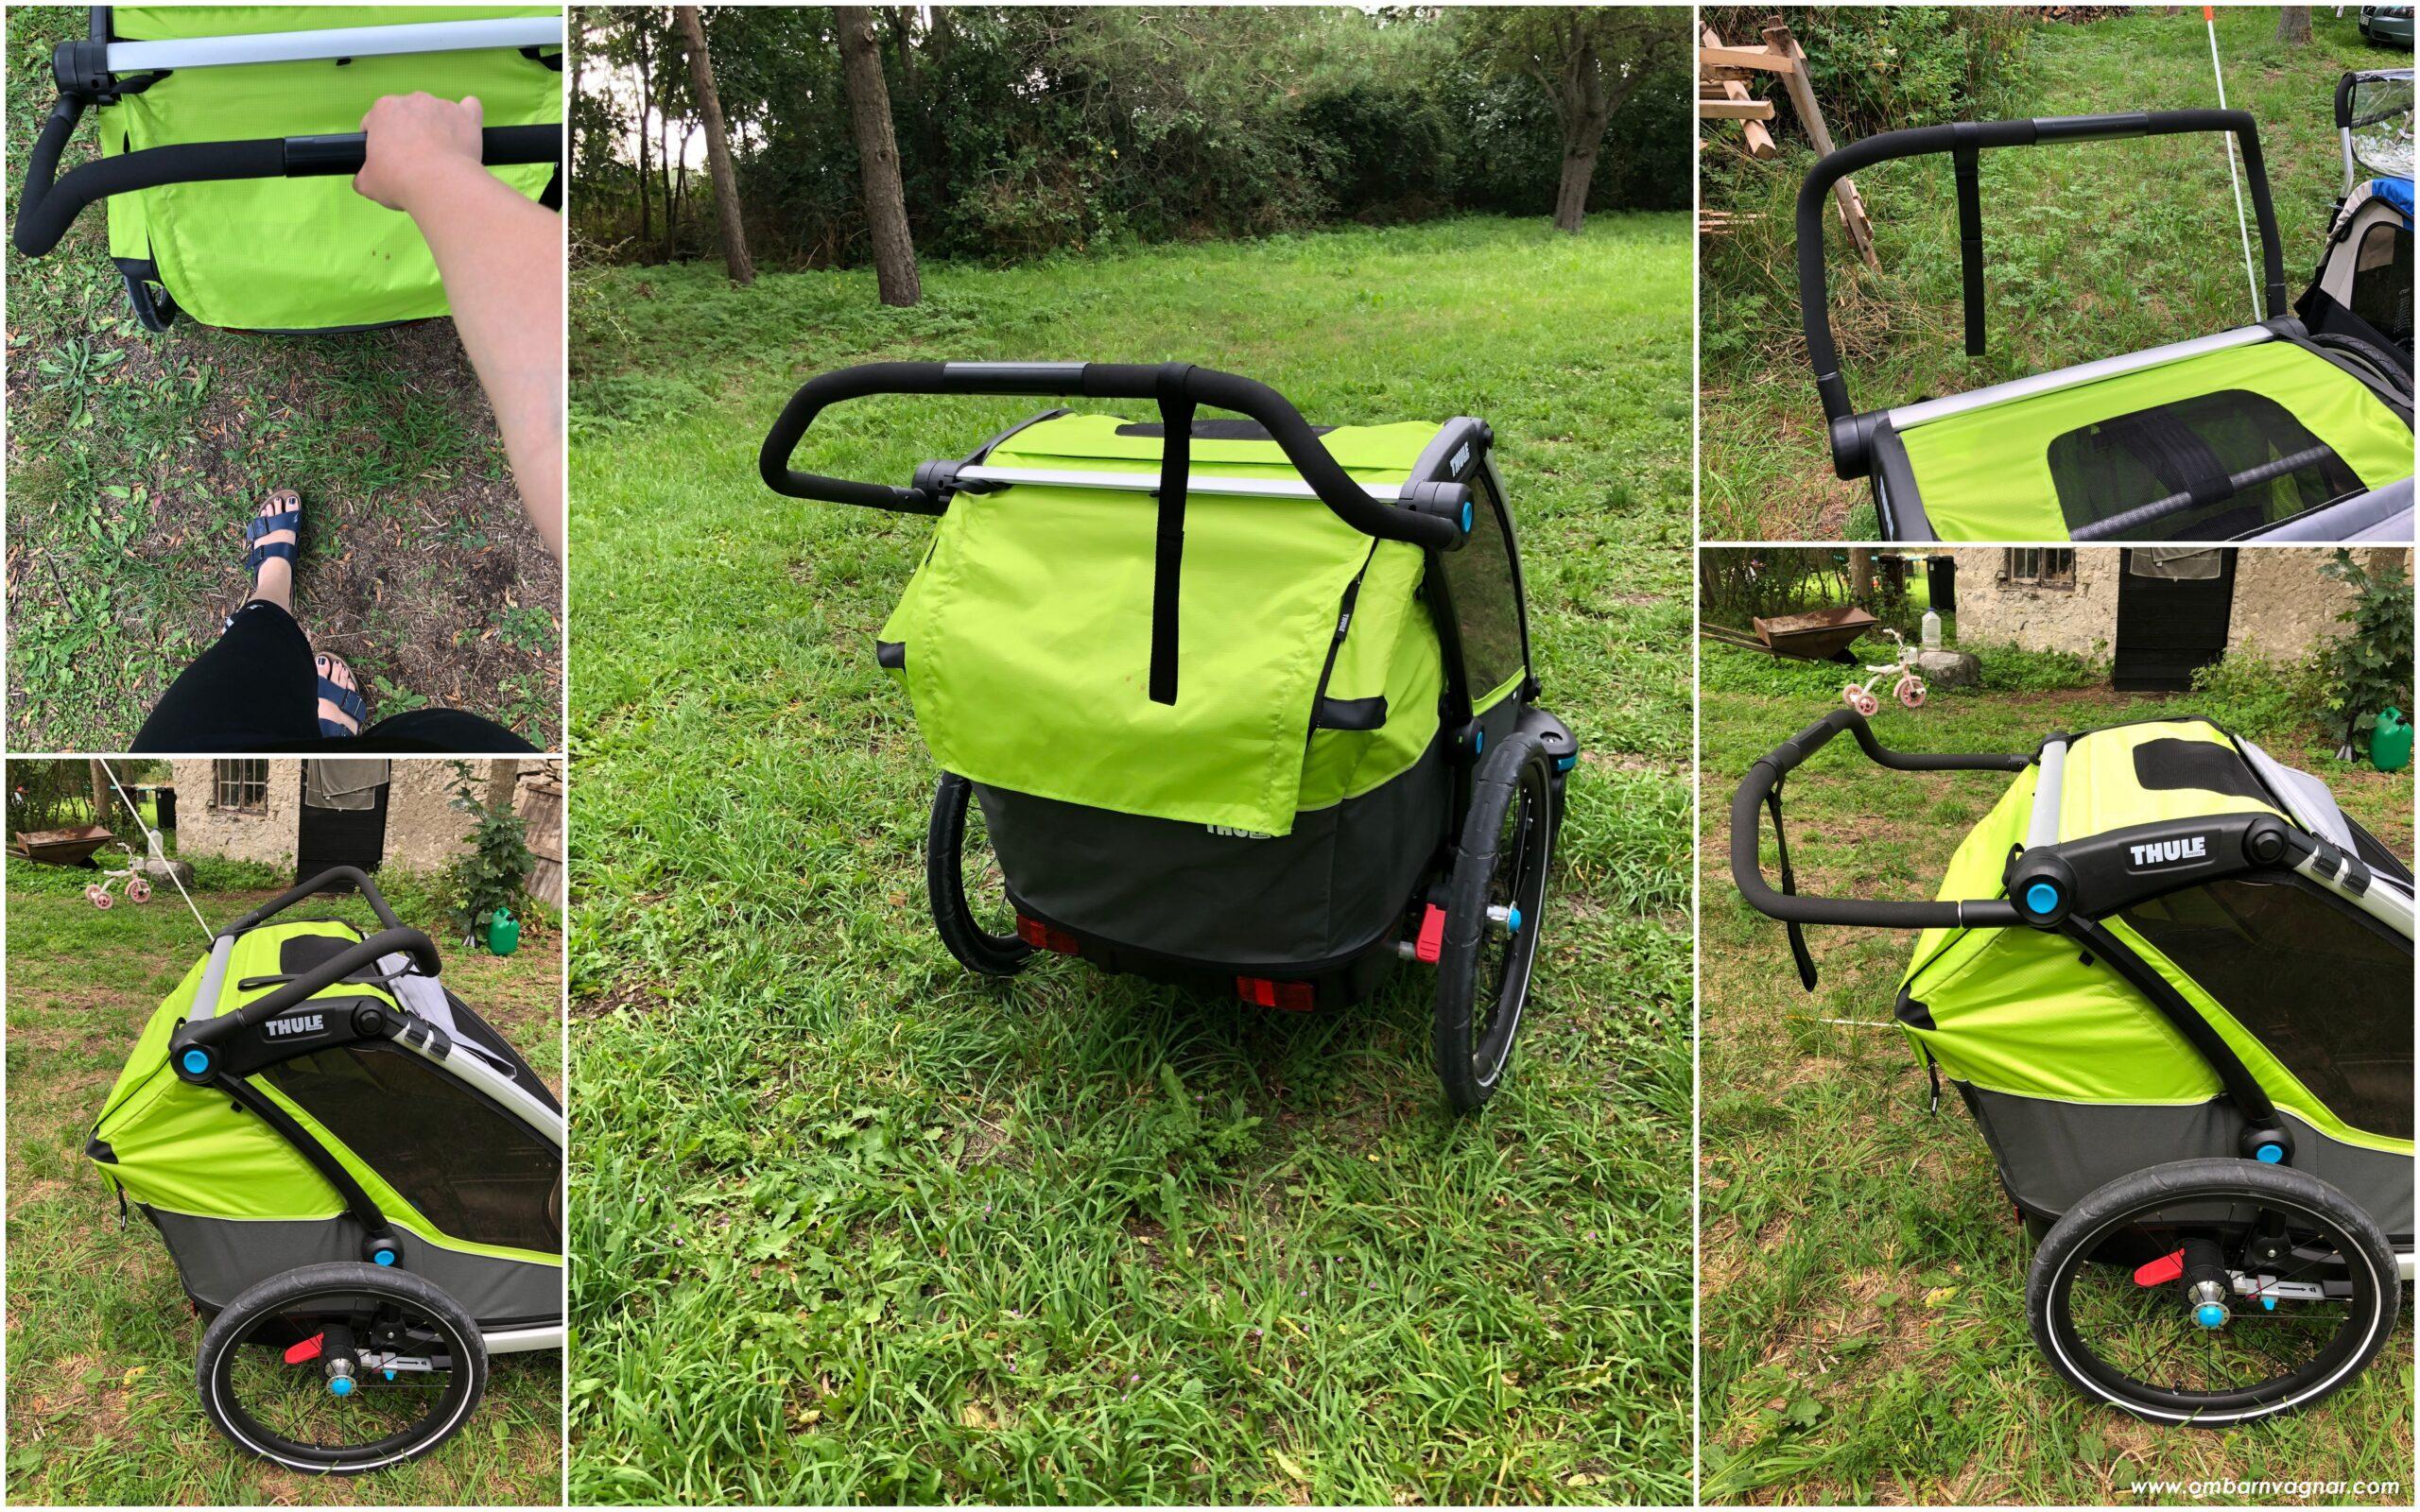 Thule Chariot Cab 2 cykelvagn har ställbart handtag och funkar bra som barnvagn för promenader